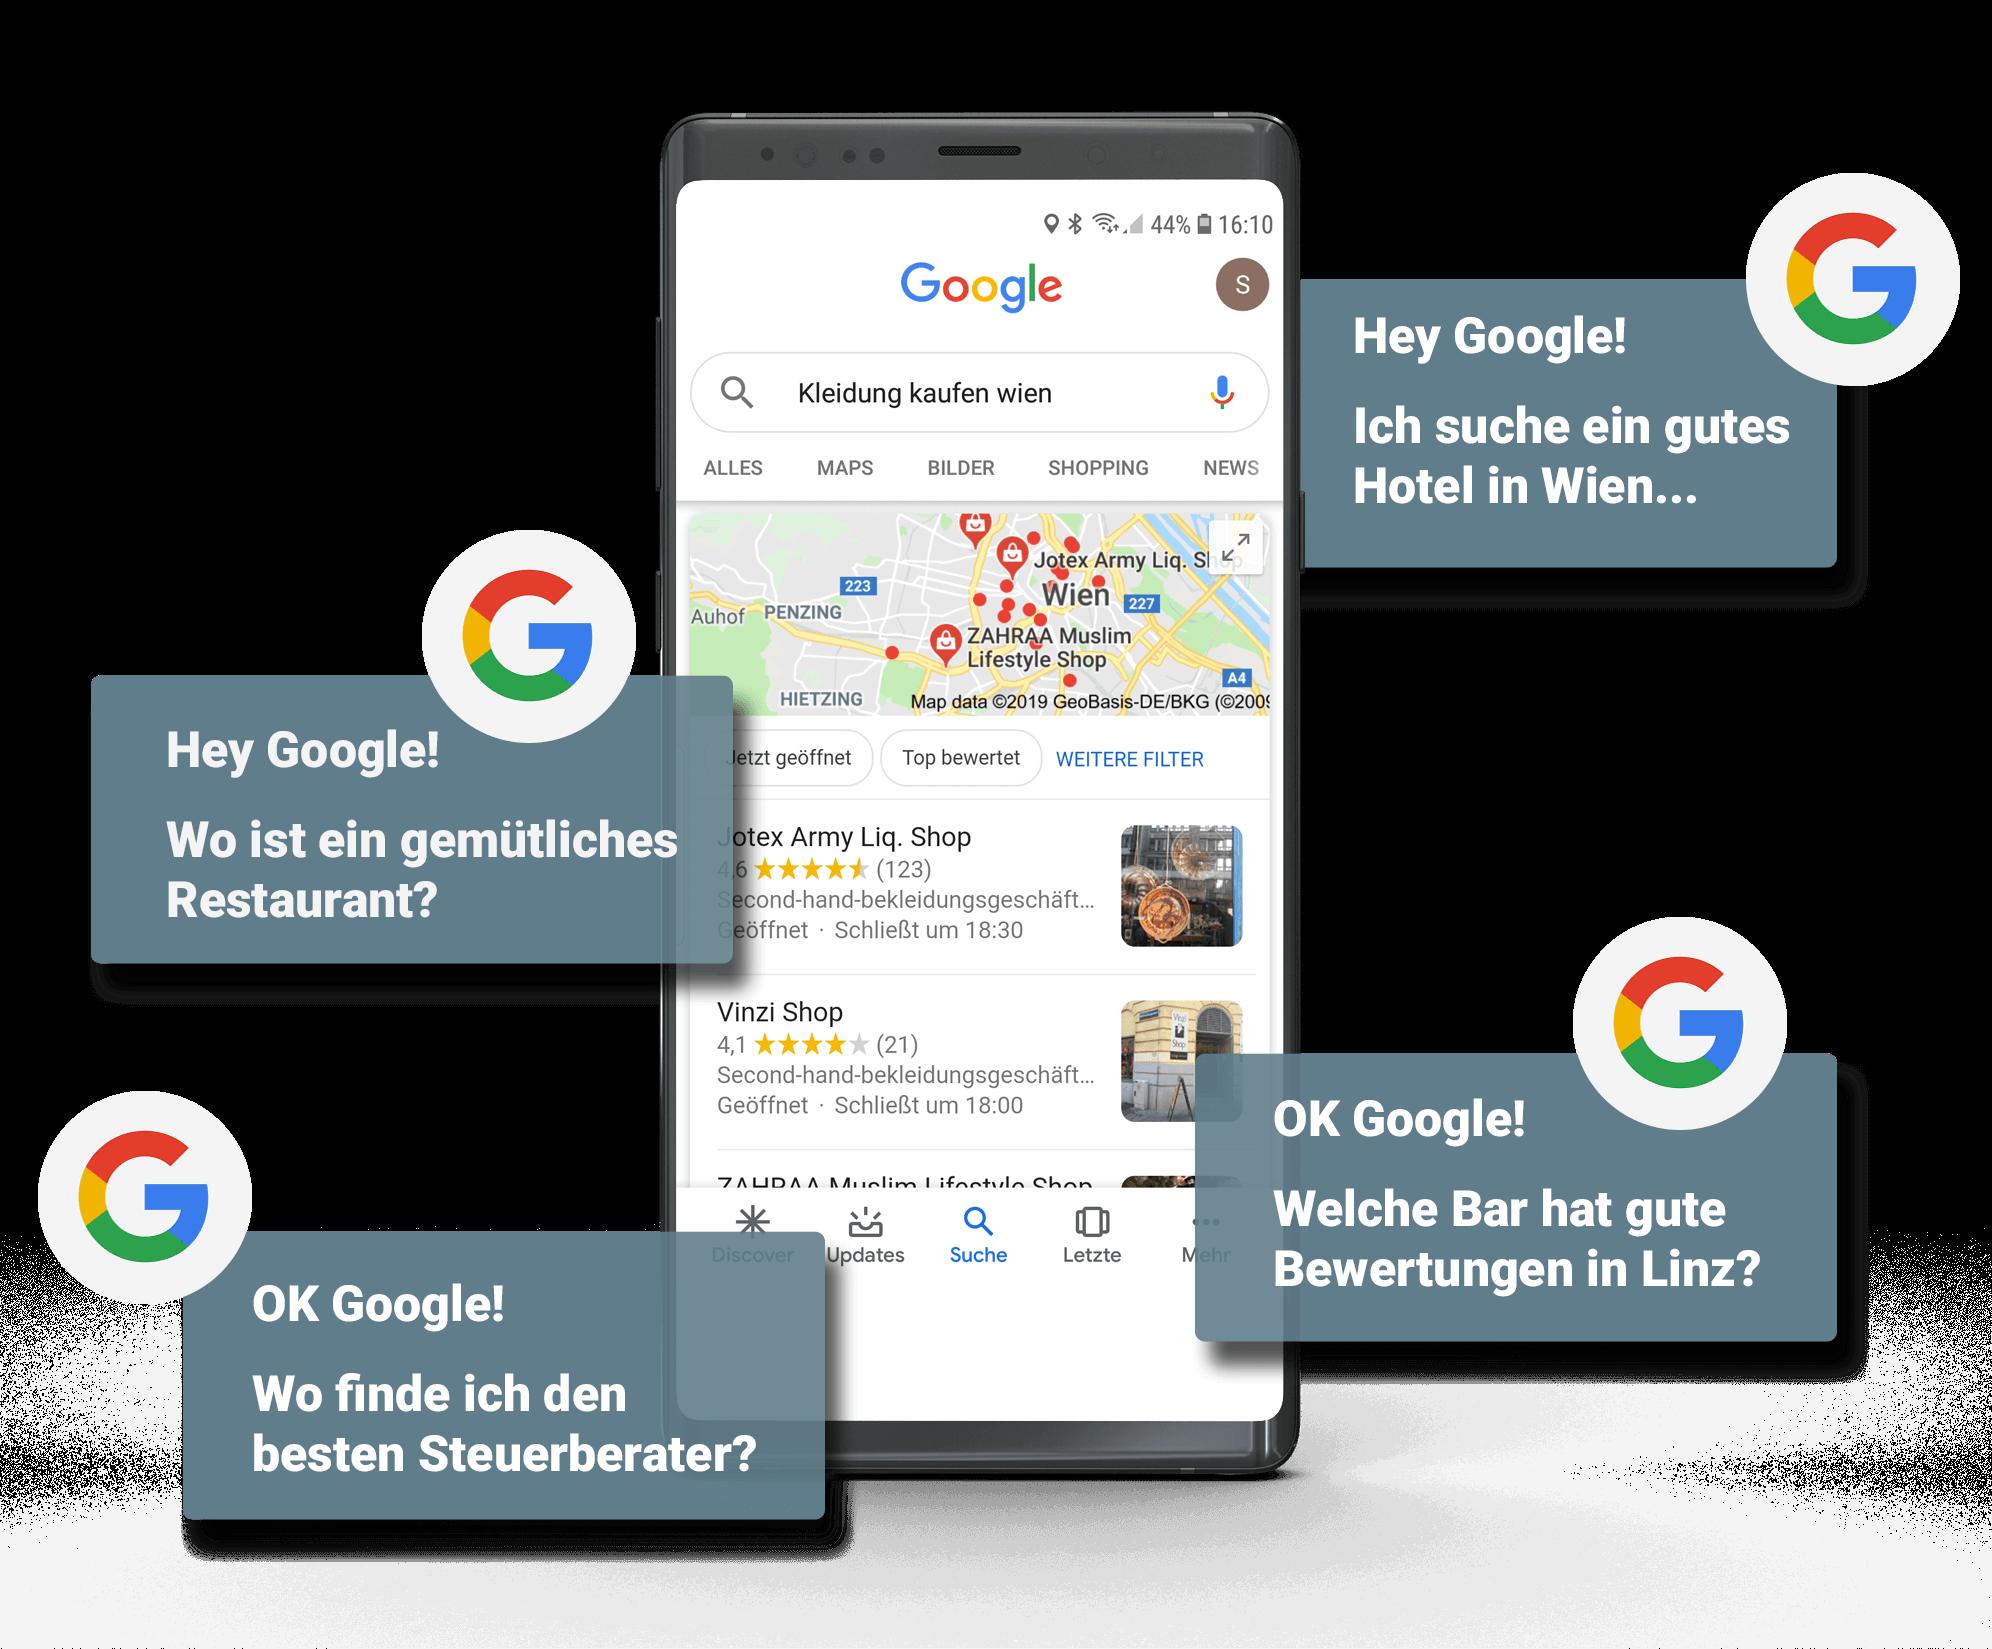 Google Suche am Handy, Darstellung mit Userfragen